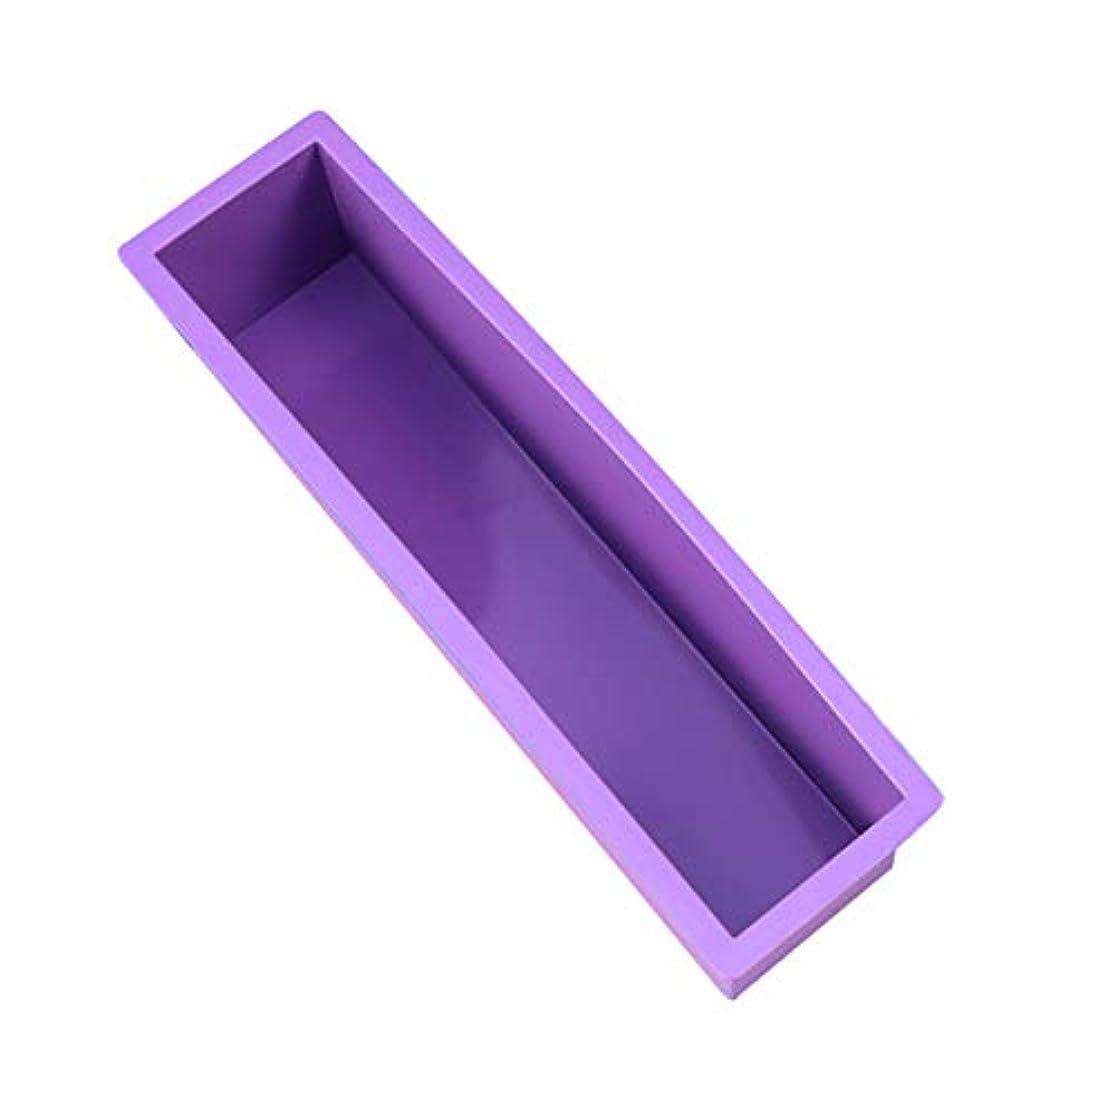 希望に満ちた繰り返した頭Healifty DIYの石鹸金型スクエアラウンドオーバル金型木製ボックスサイズなしの手作り金型 - S(紫)